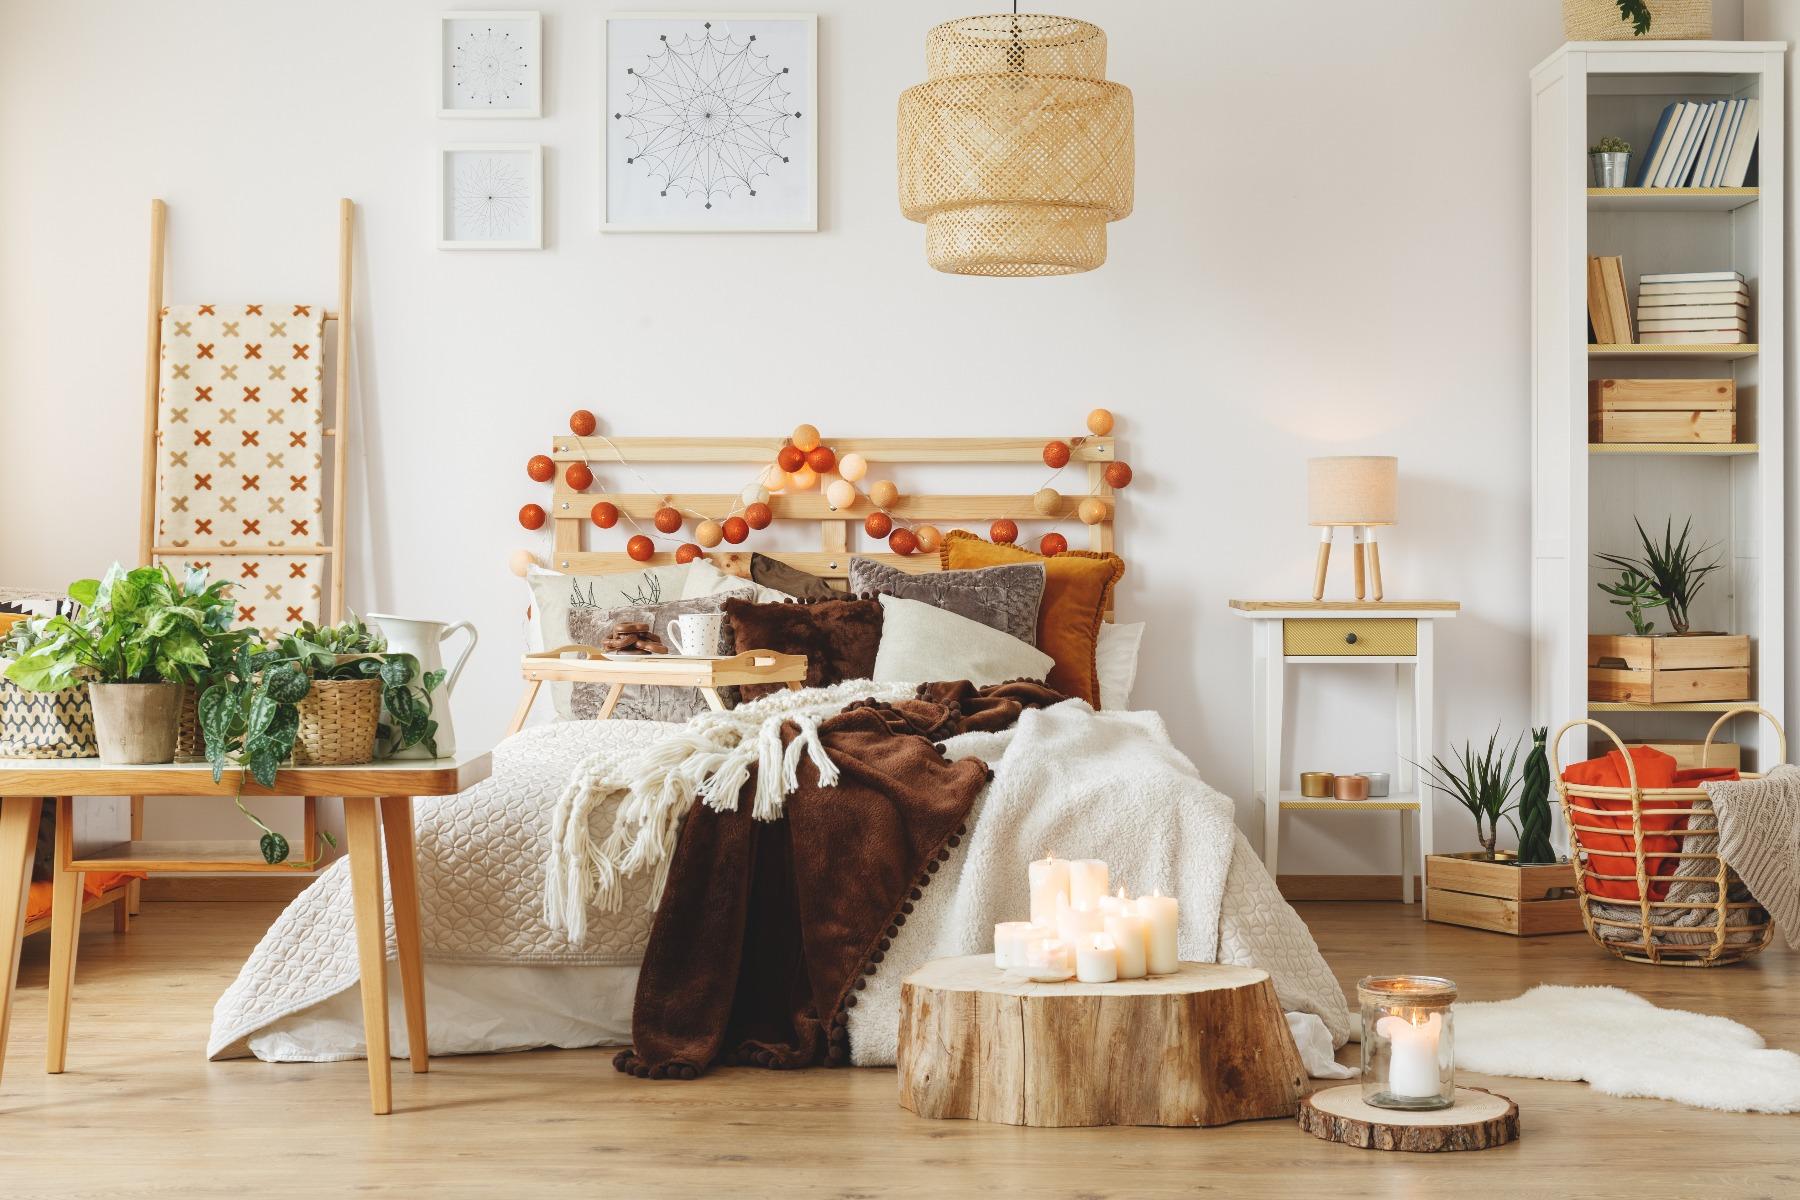 Das Bild zeigt ein Landhaus Schlafzimmer mit Holzelementen.